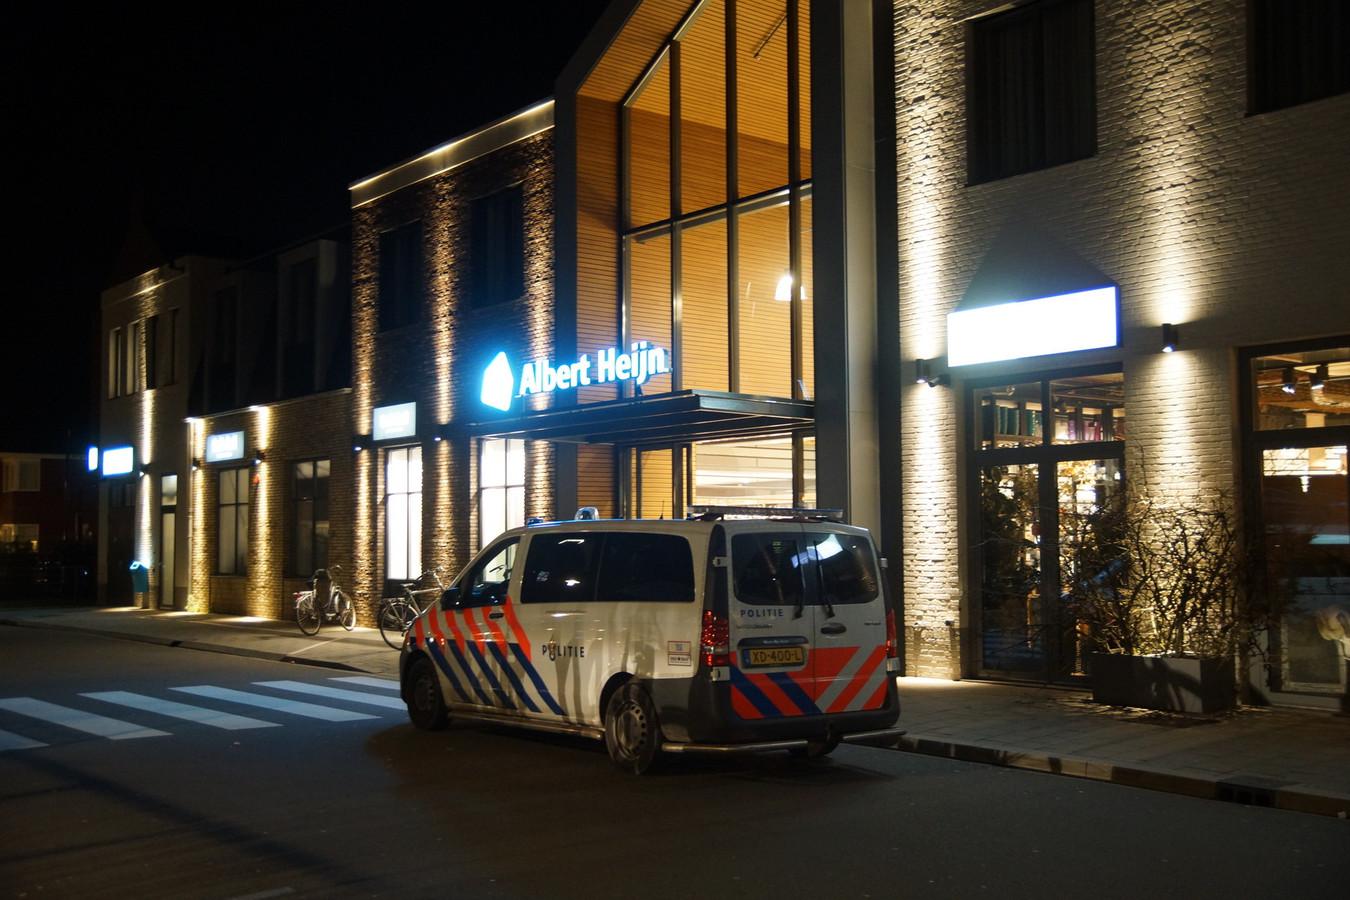 De 38-jarige man pleegde een overval bij de Gall&Gall in de Albert Heijn van Kaatsheuvel